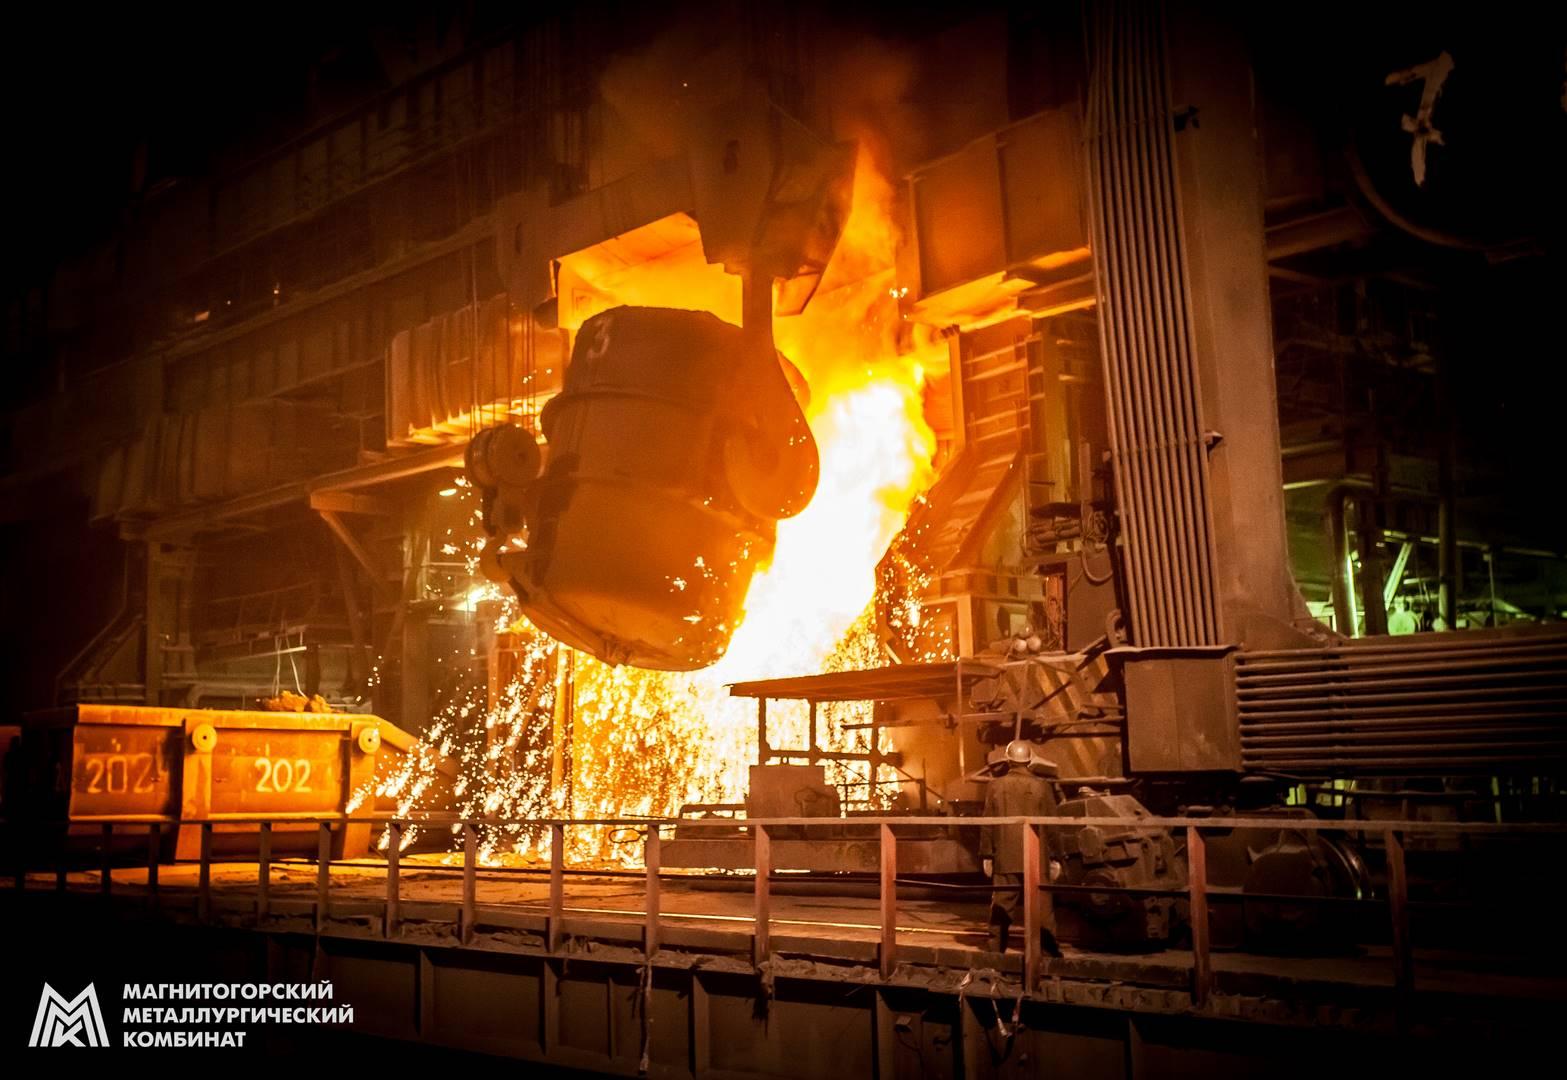 На Магнитогорском металлургическом комбинате стартовал проект, в рамках которого желающие могут п